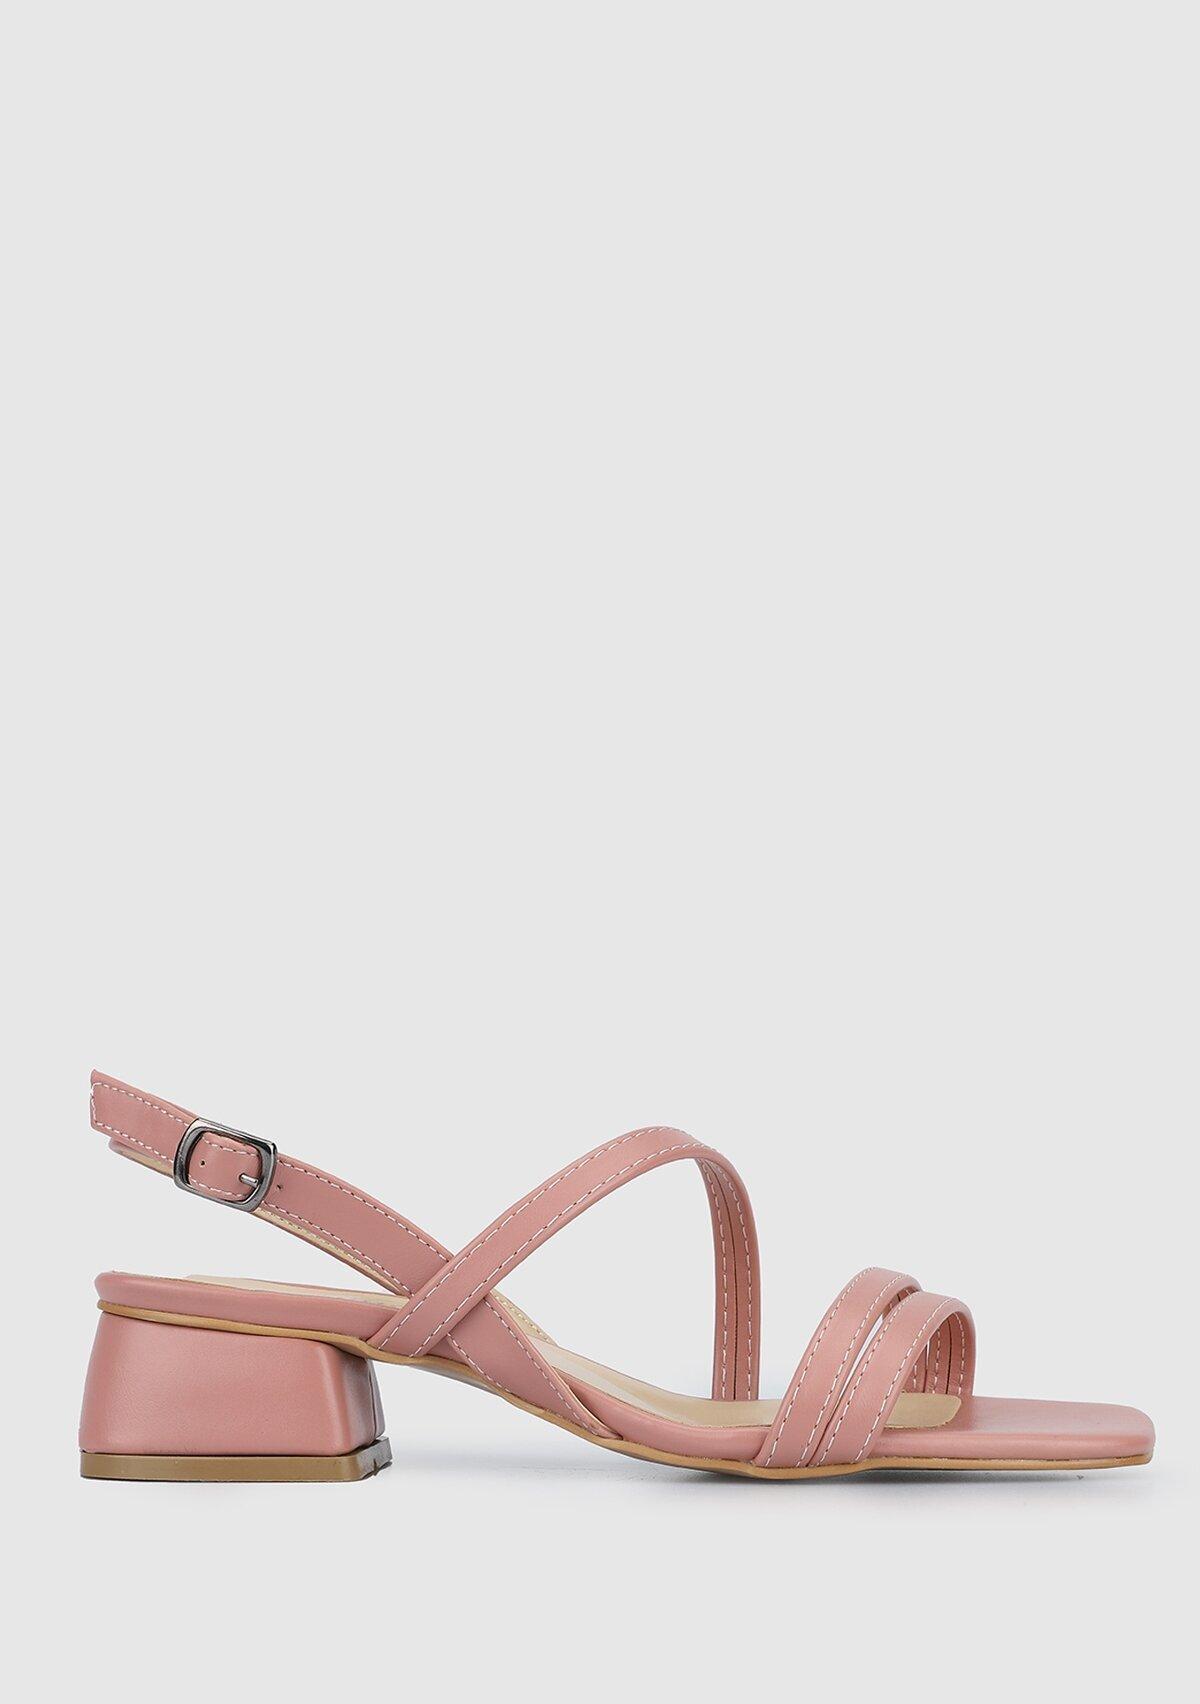 resm Gül Kurusu Kadın Topuklu Sandalet